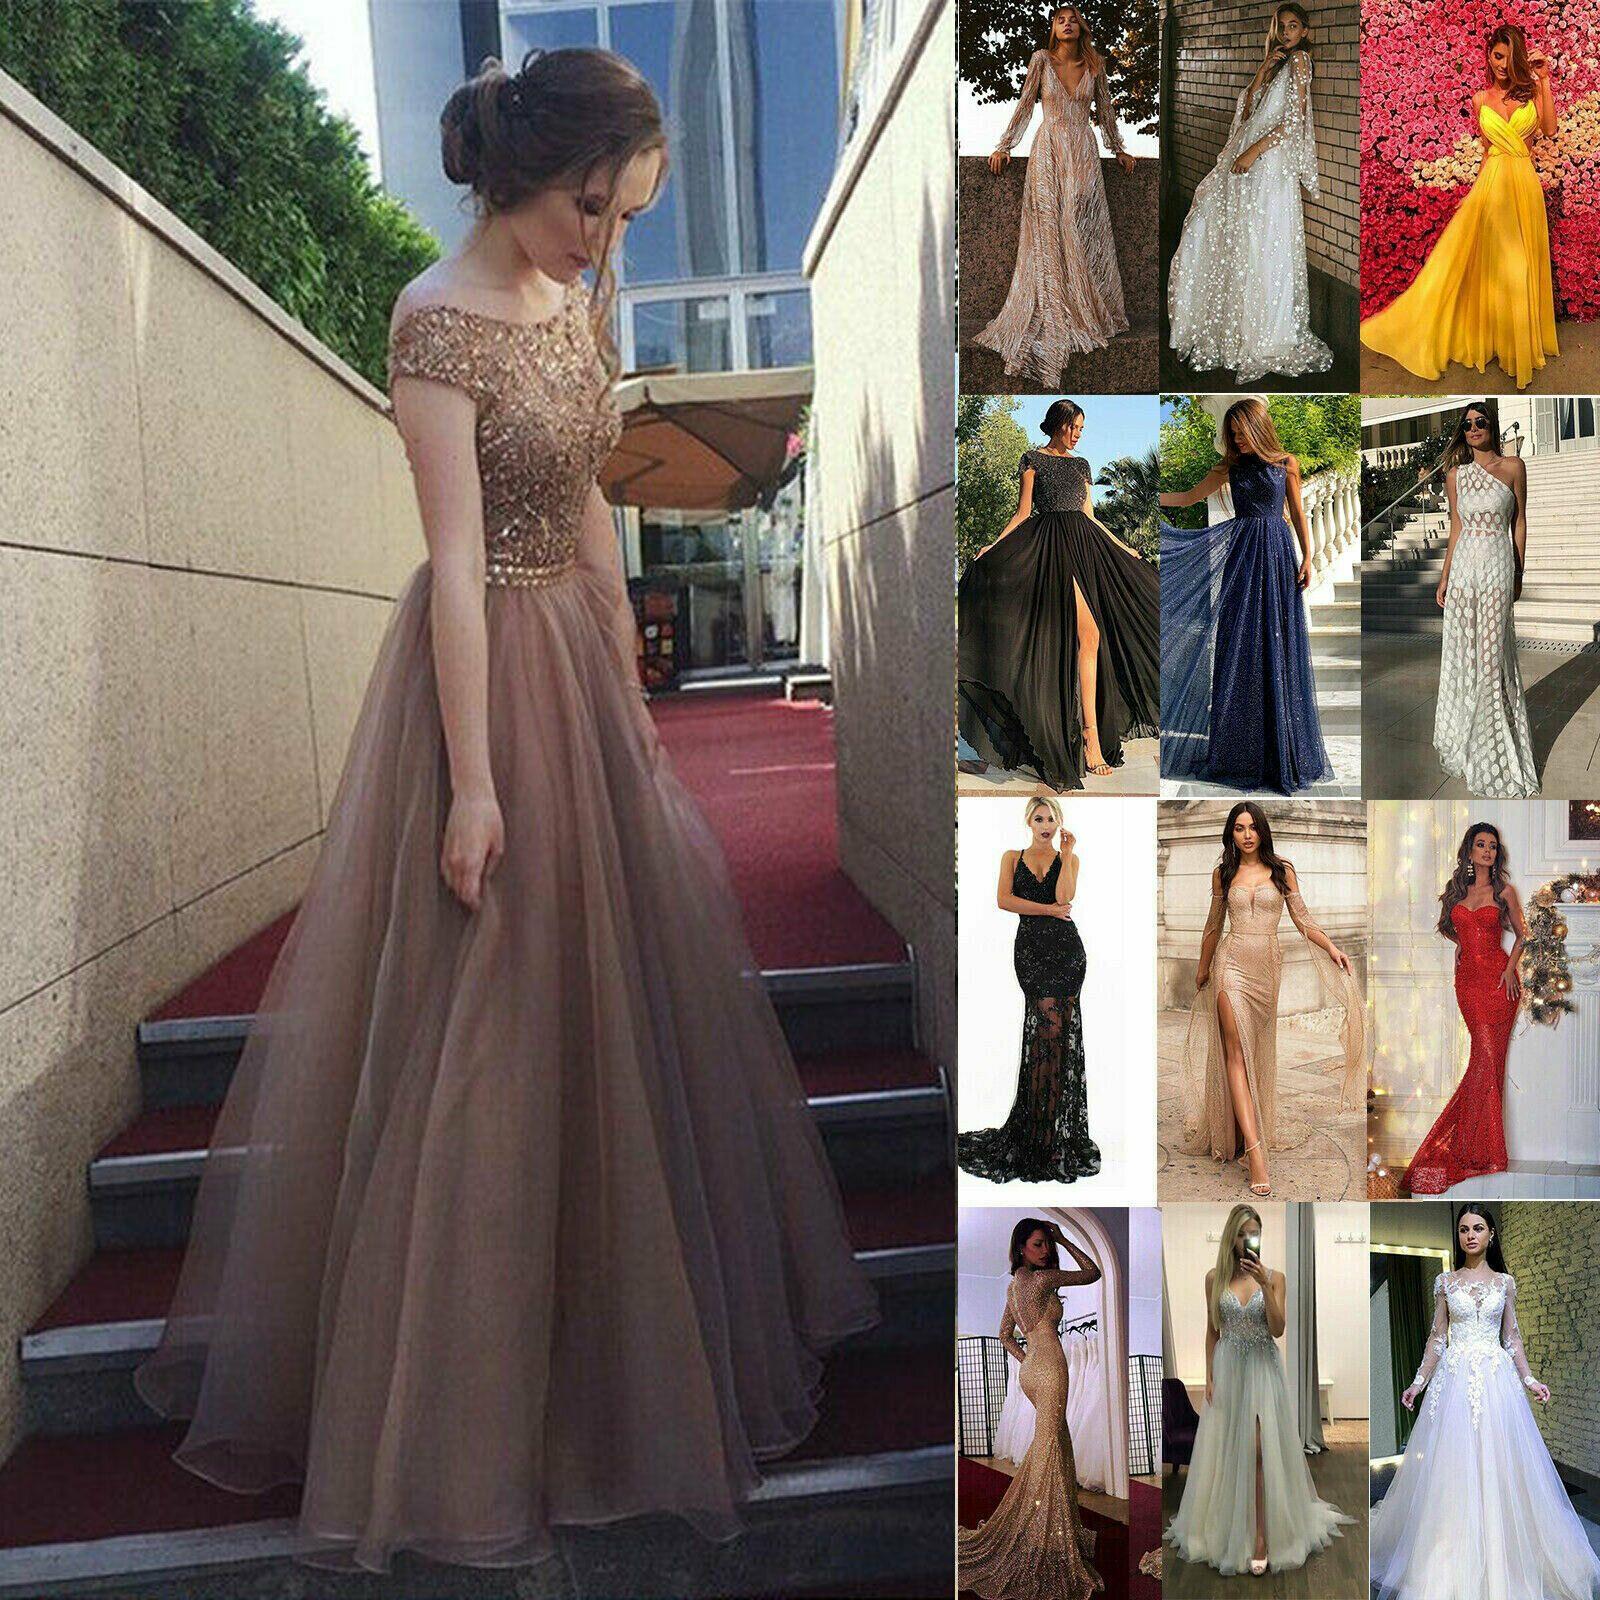 17 Luxurius Abendkleid Hochzeit ÄrmelFormal Leicht Abendkleid Hochzeit Spezialgebiet